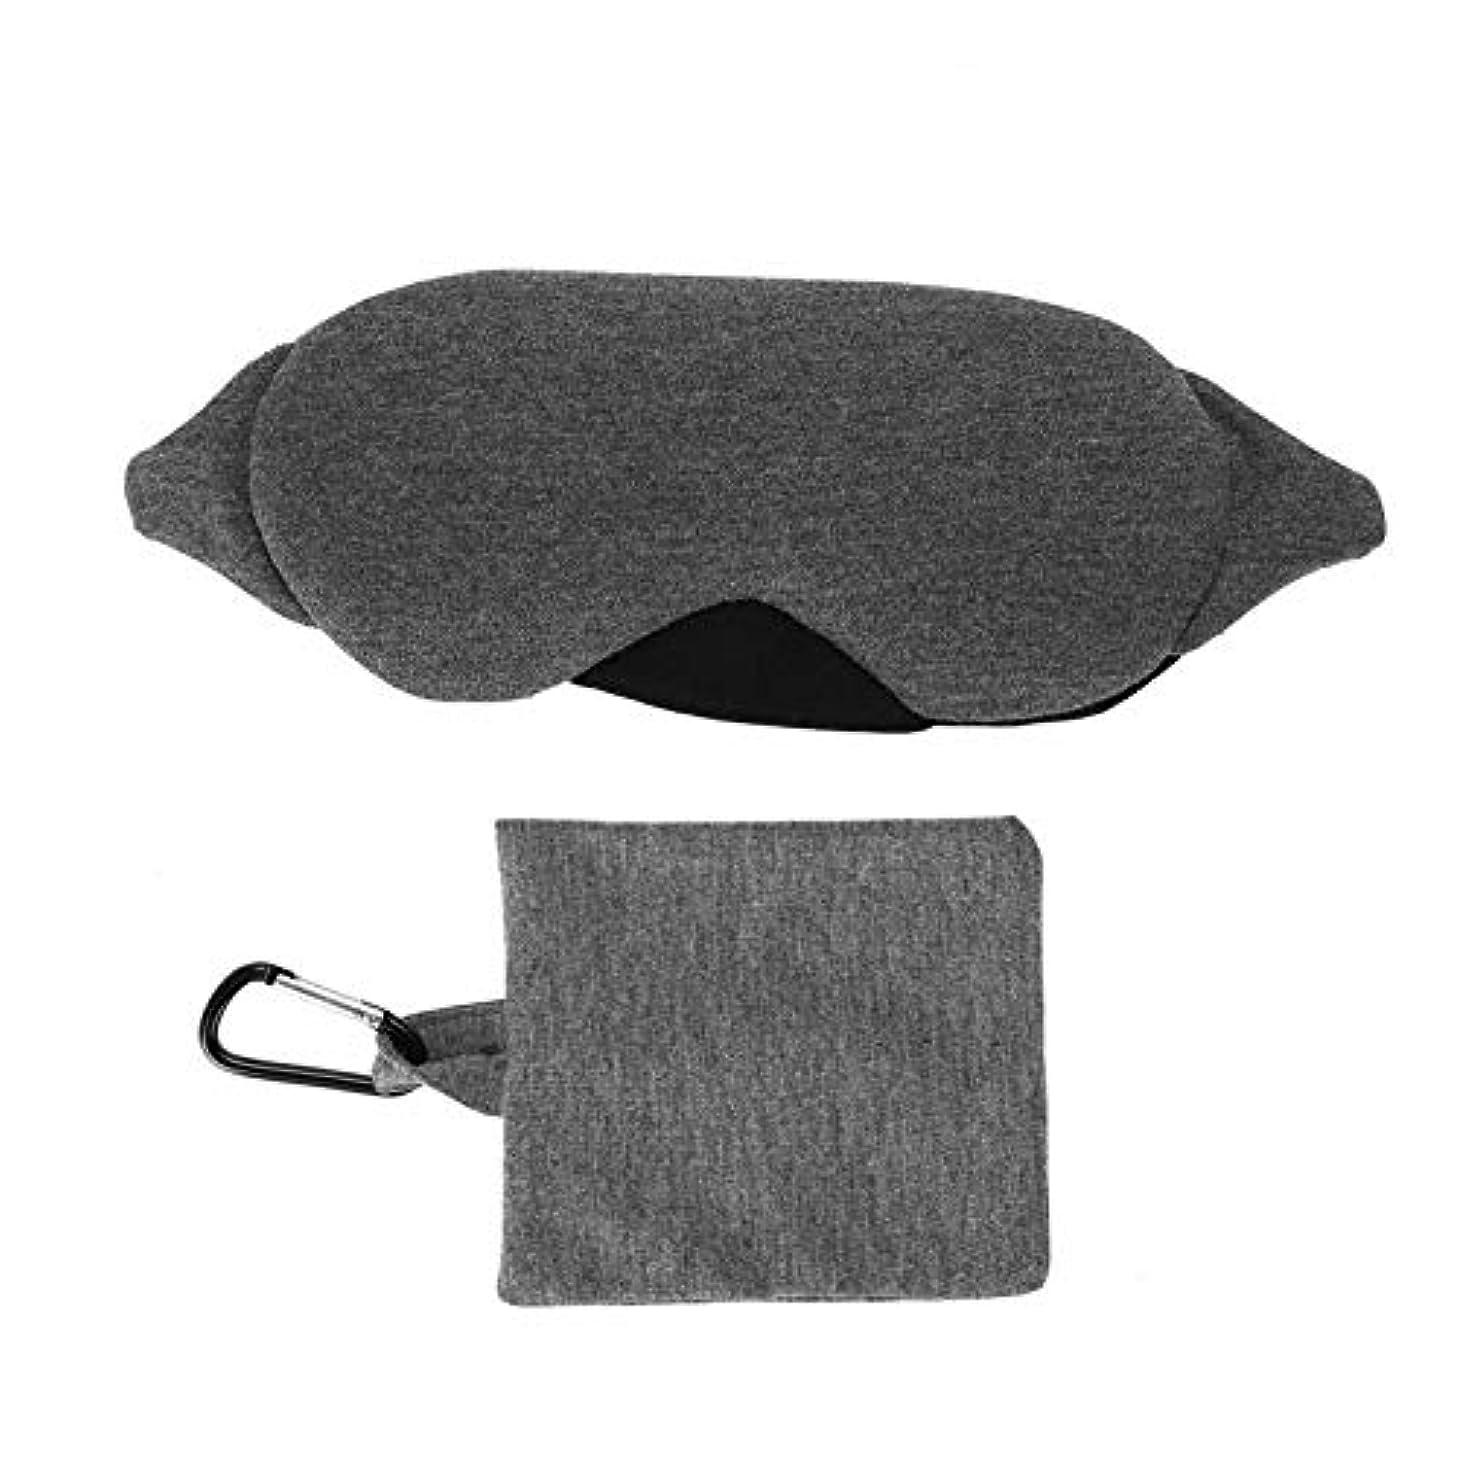 忘れられない案件怠けたNOTE 調節可能な睡眠マスク通気性アイシェードカバー目隠しアイパッチ睡眠マスク助けて不眠症ヘルスケアツール